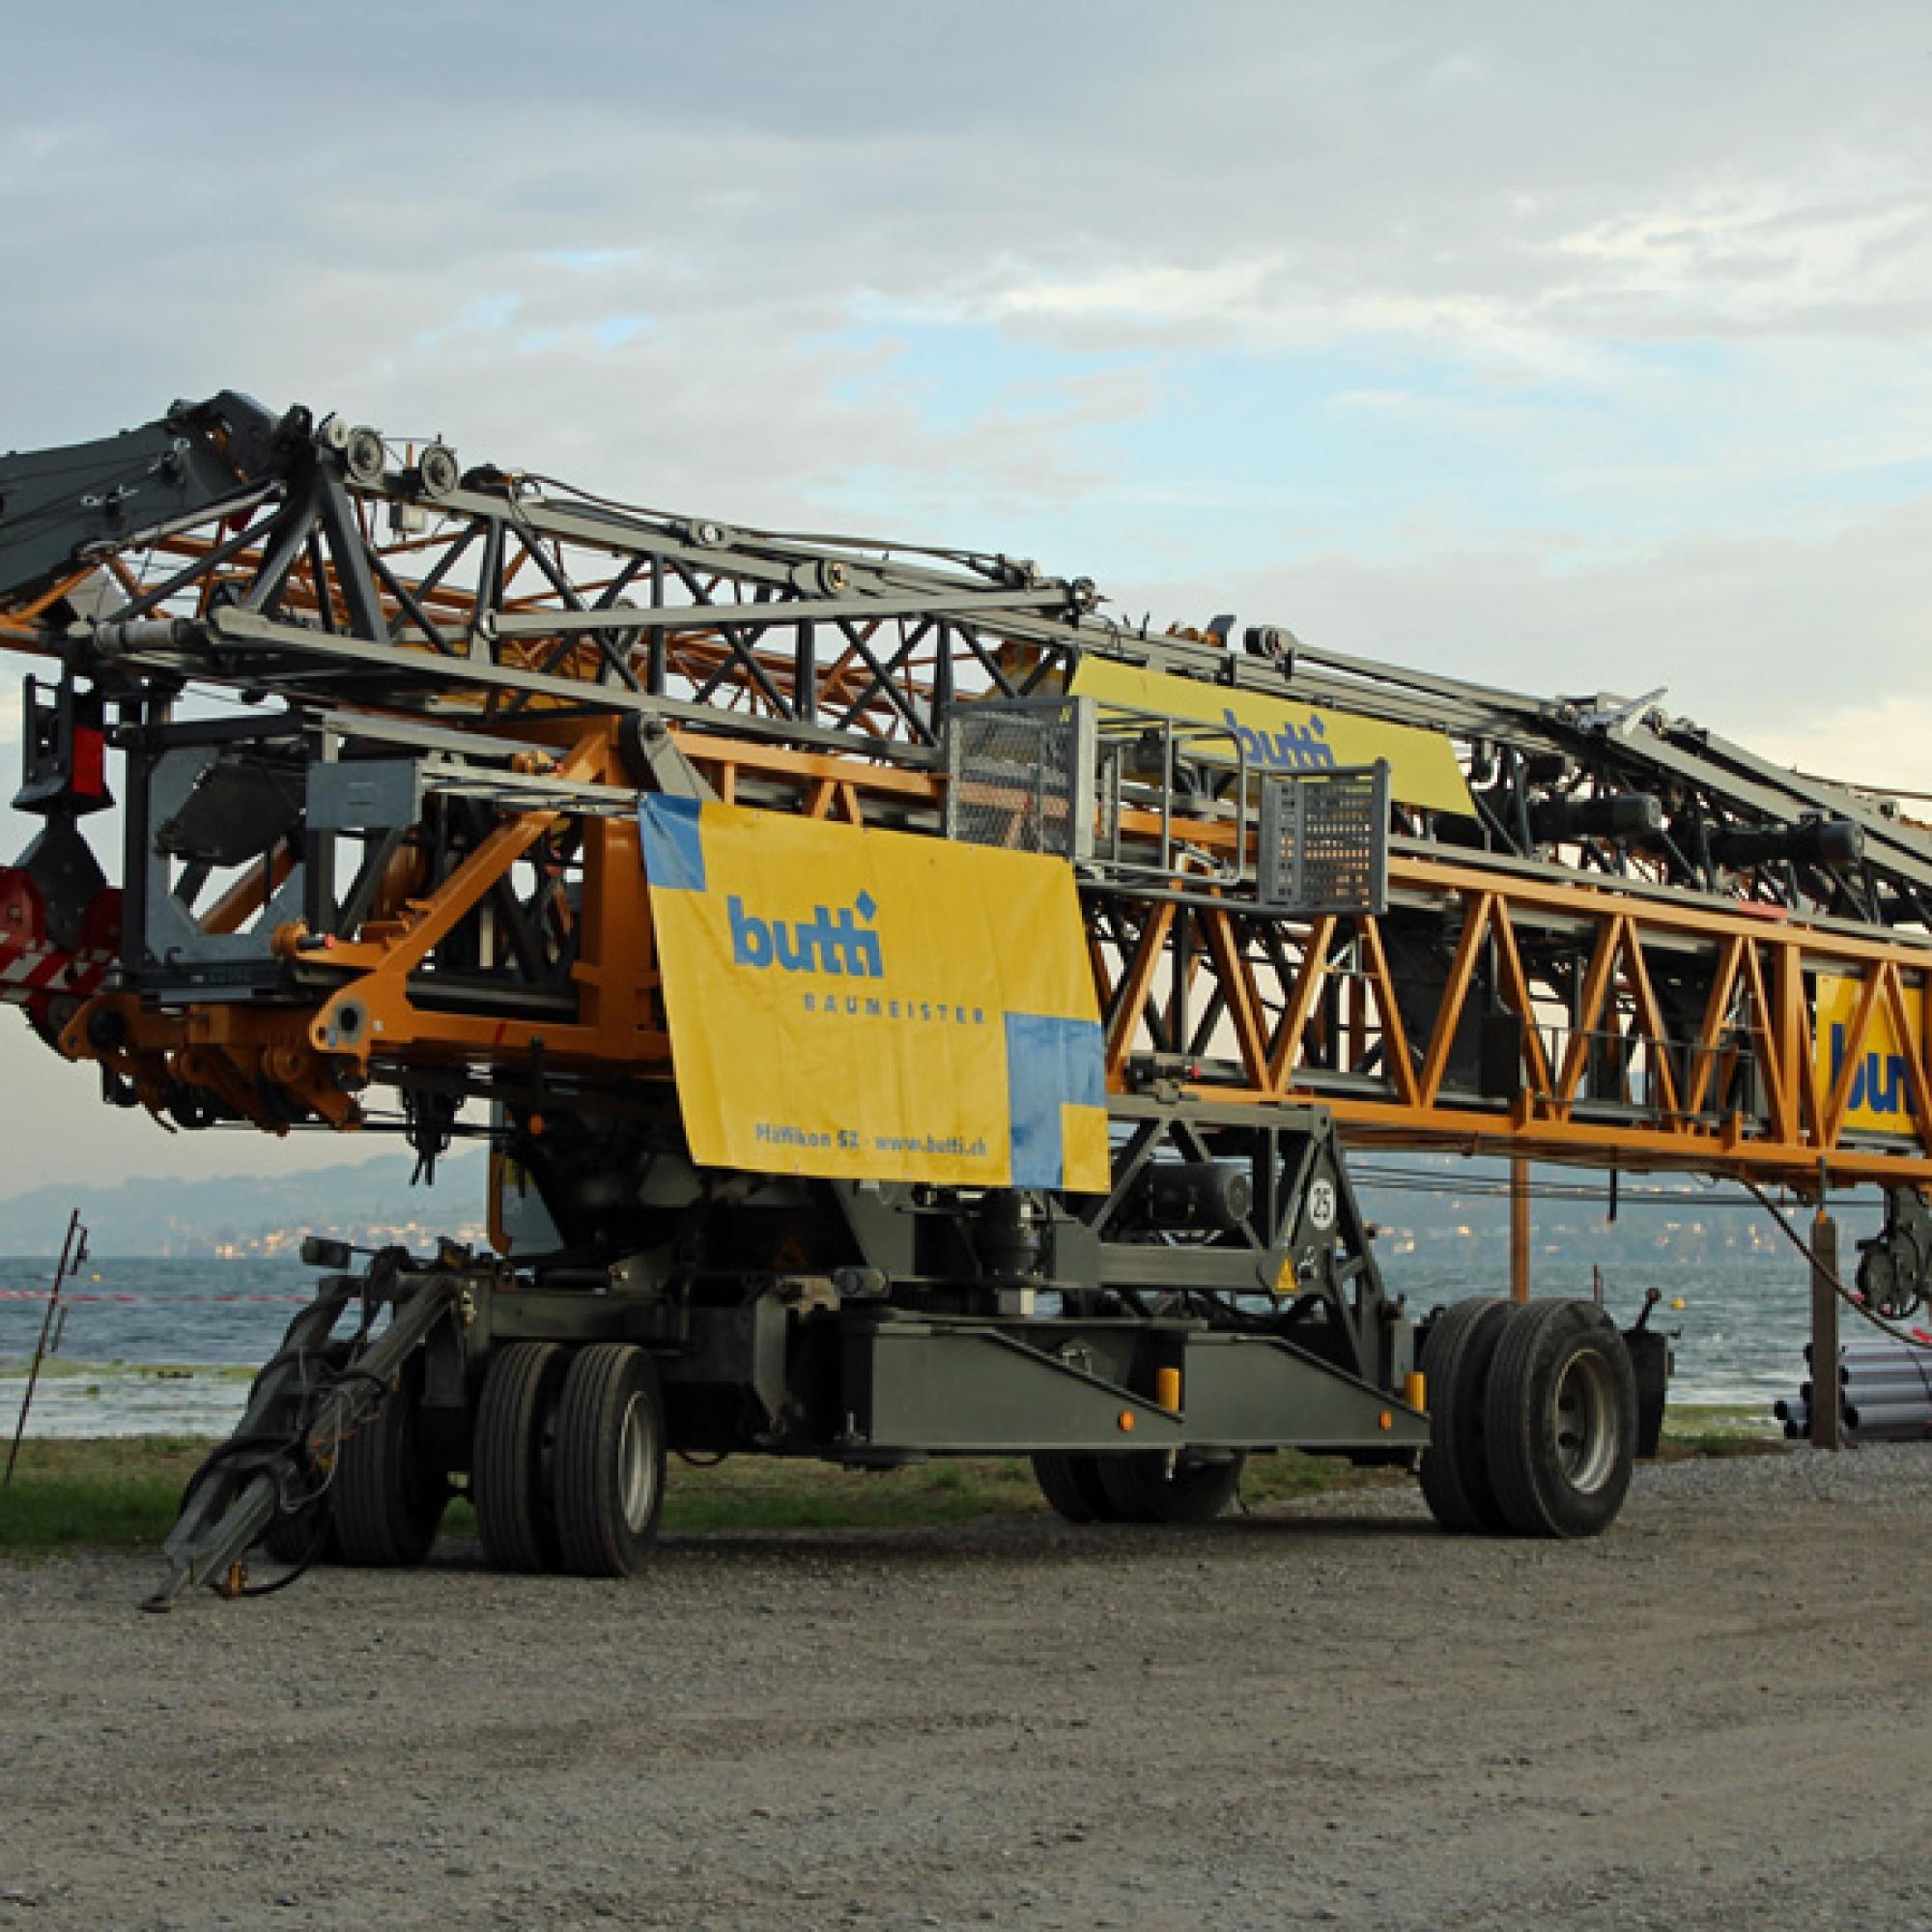 Der zu transportierende Kran ist ein Turmdrehkran von Liebherr und wird sich auf der Insel selbst aufstellen.